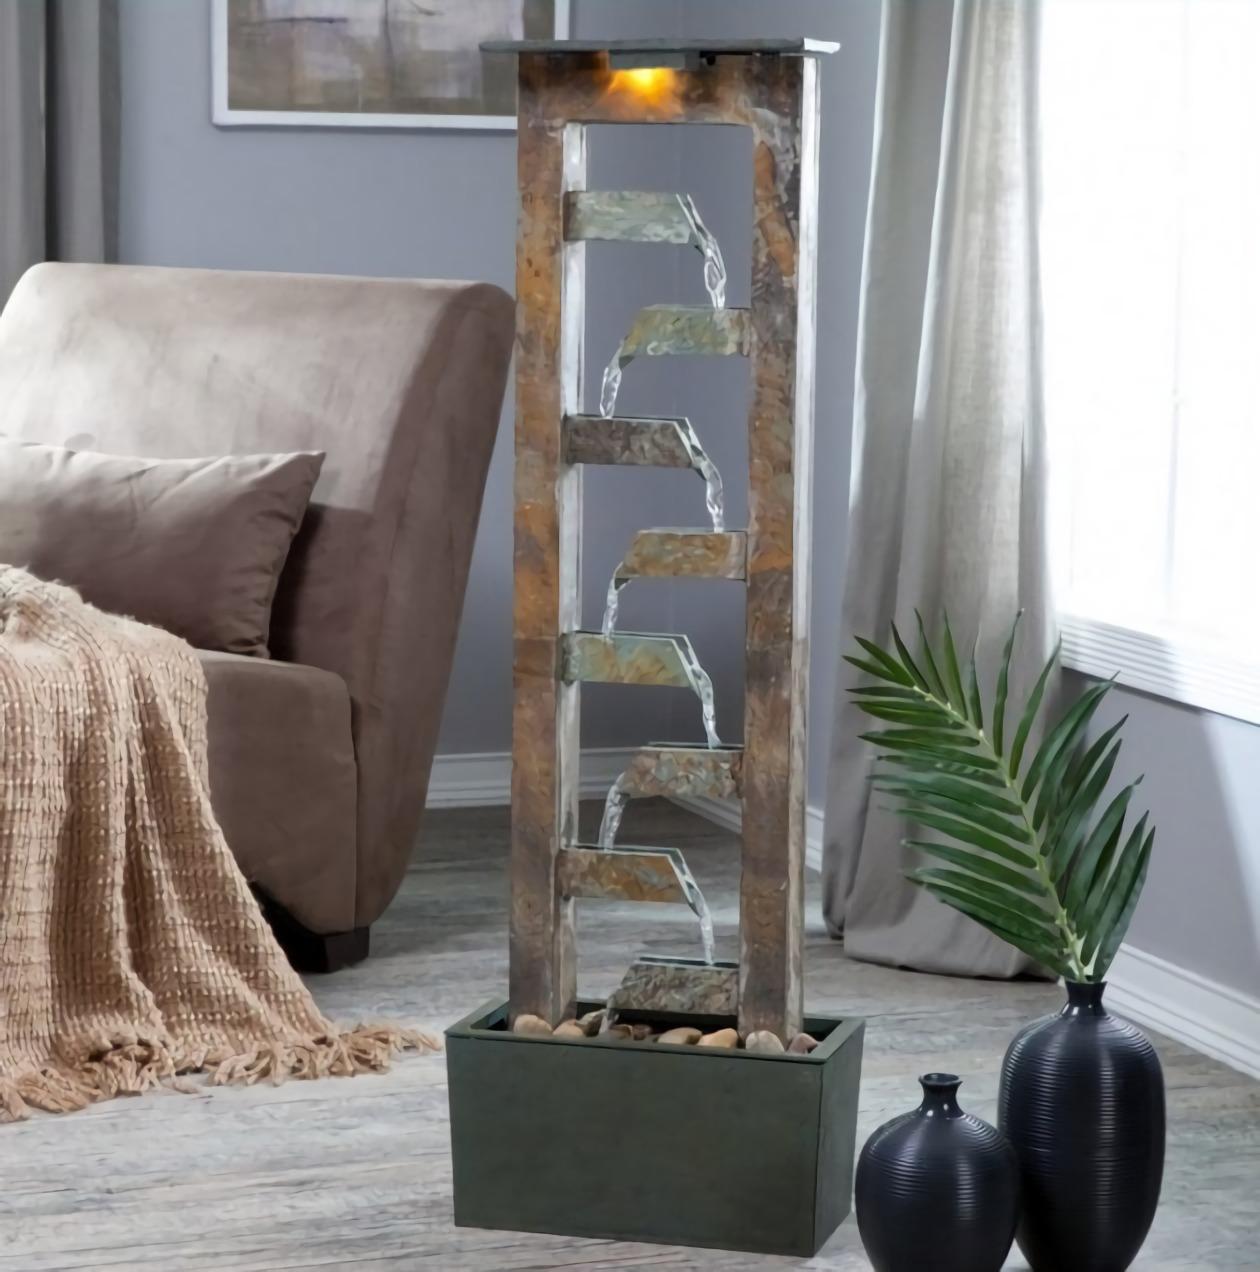 Air mancur dengan desain rustic minimalis (Sumber: westernerinns.com)